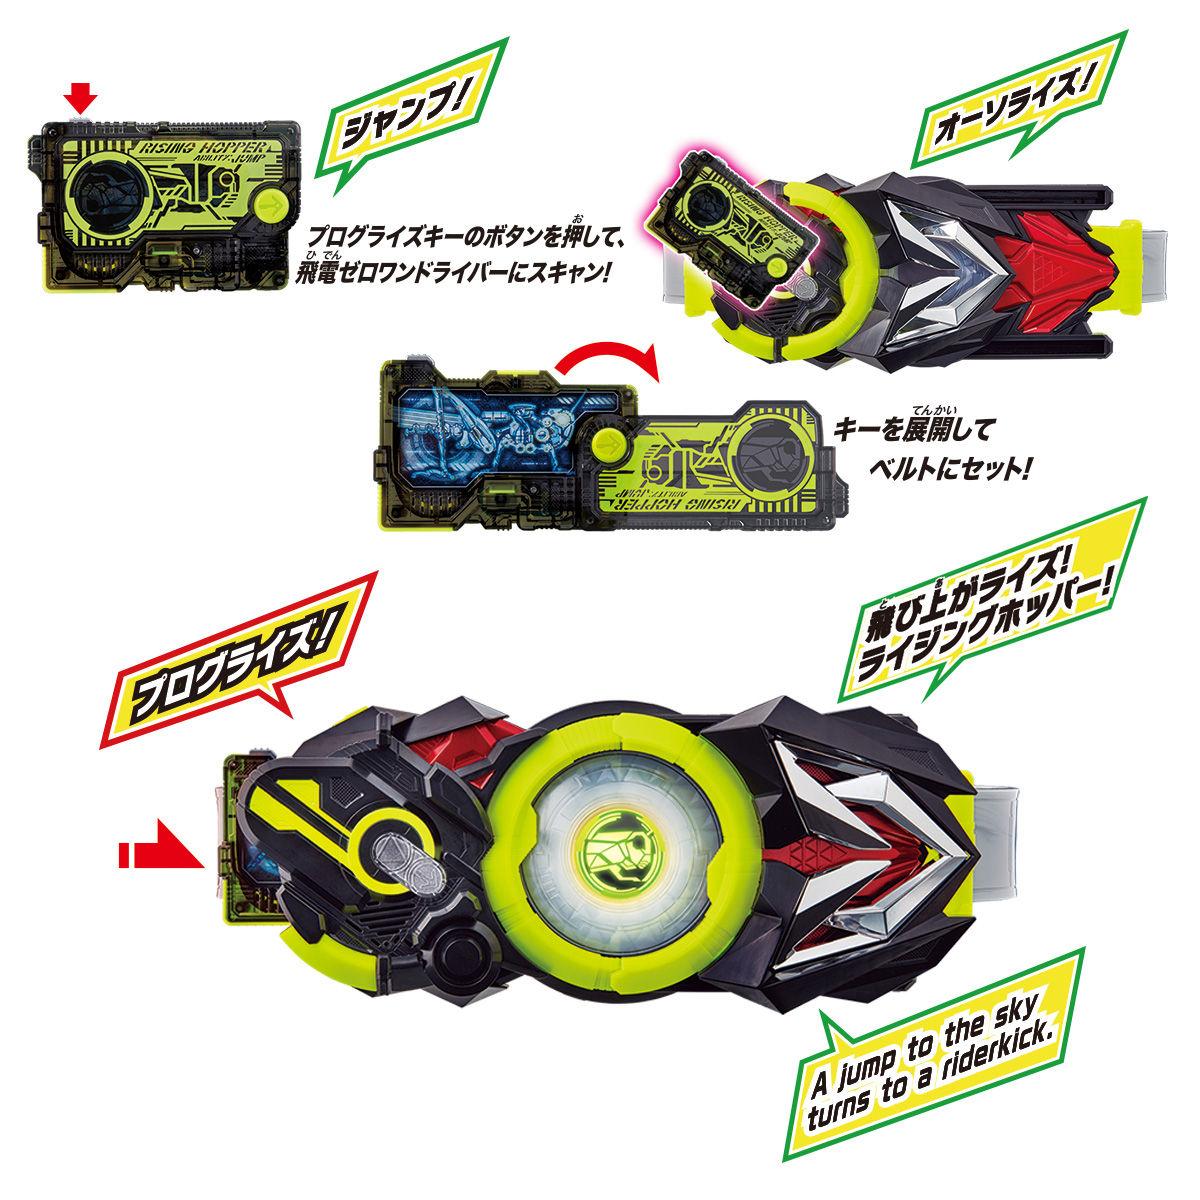 仮面ライダーゼロワン『DX飛電ゼロワンドライバー & プログライズホルダーセット』変身なりきり-008